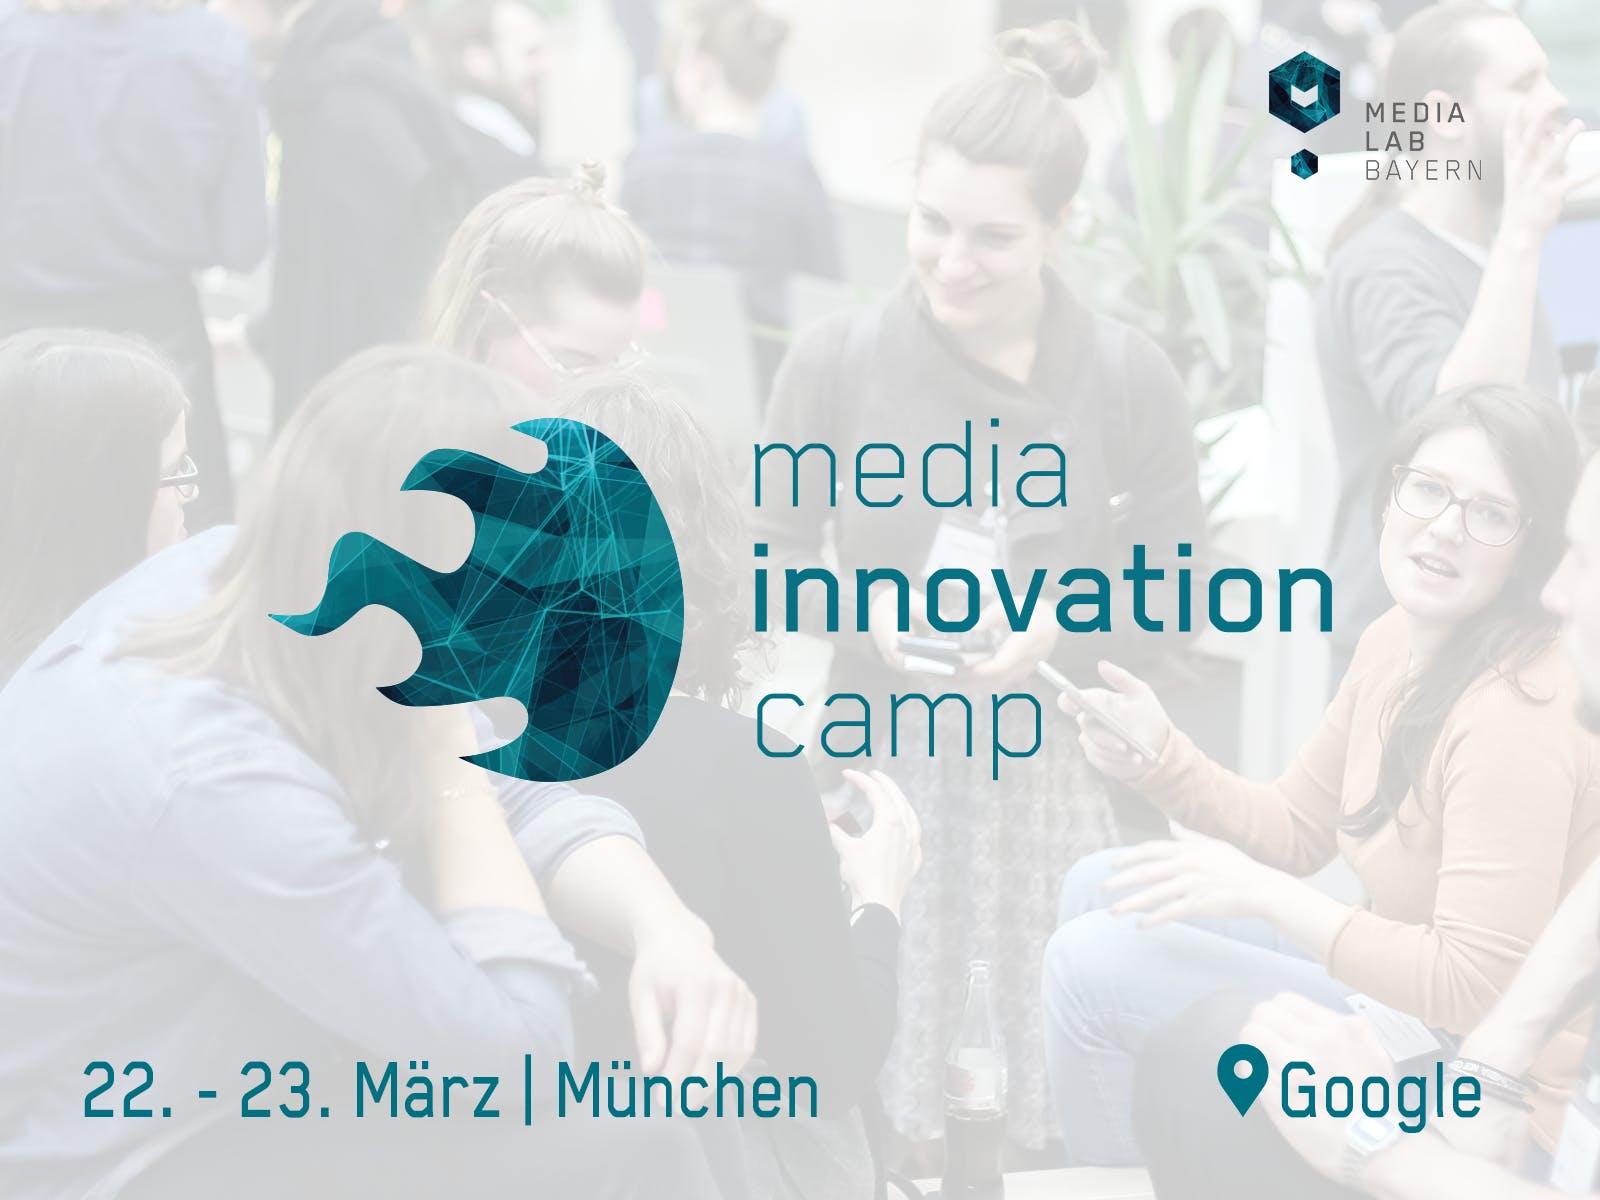 Media Innovation Camp